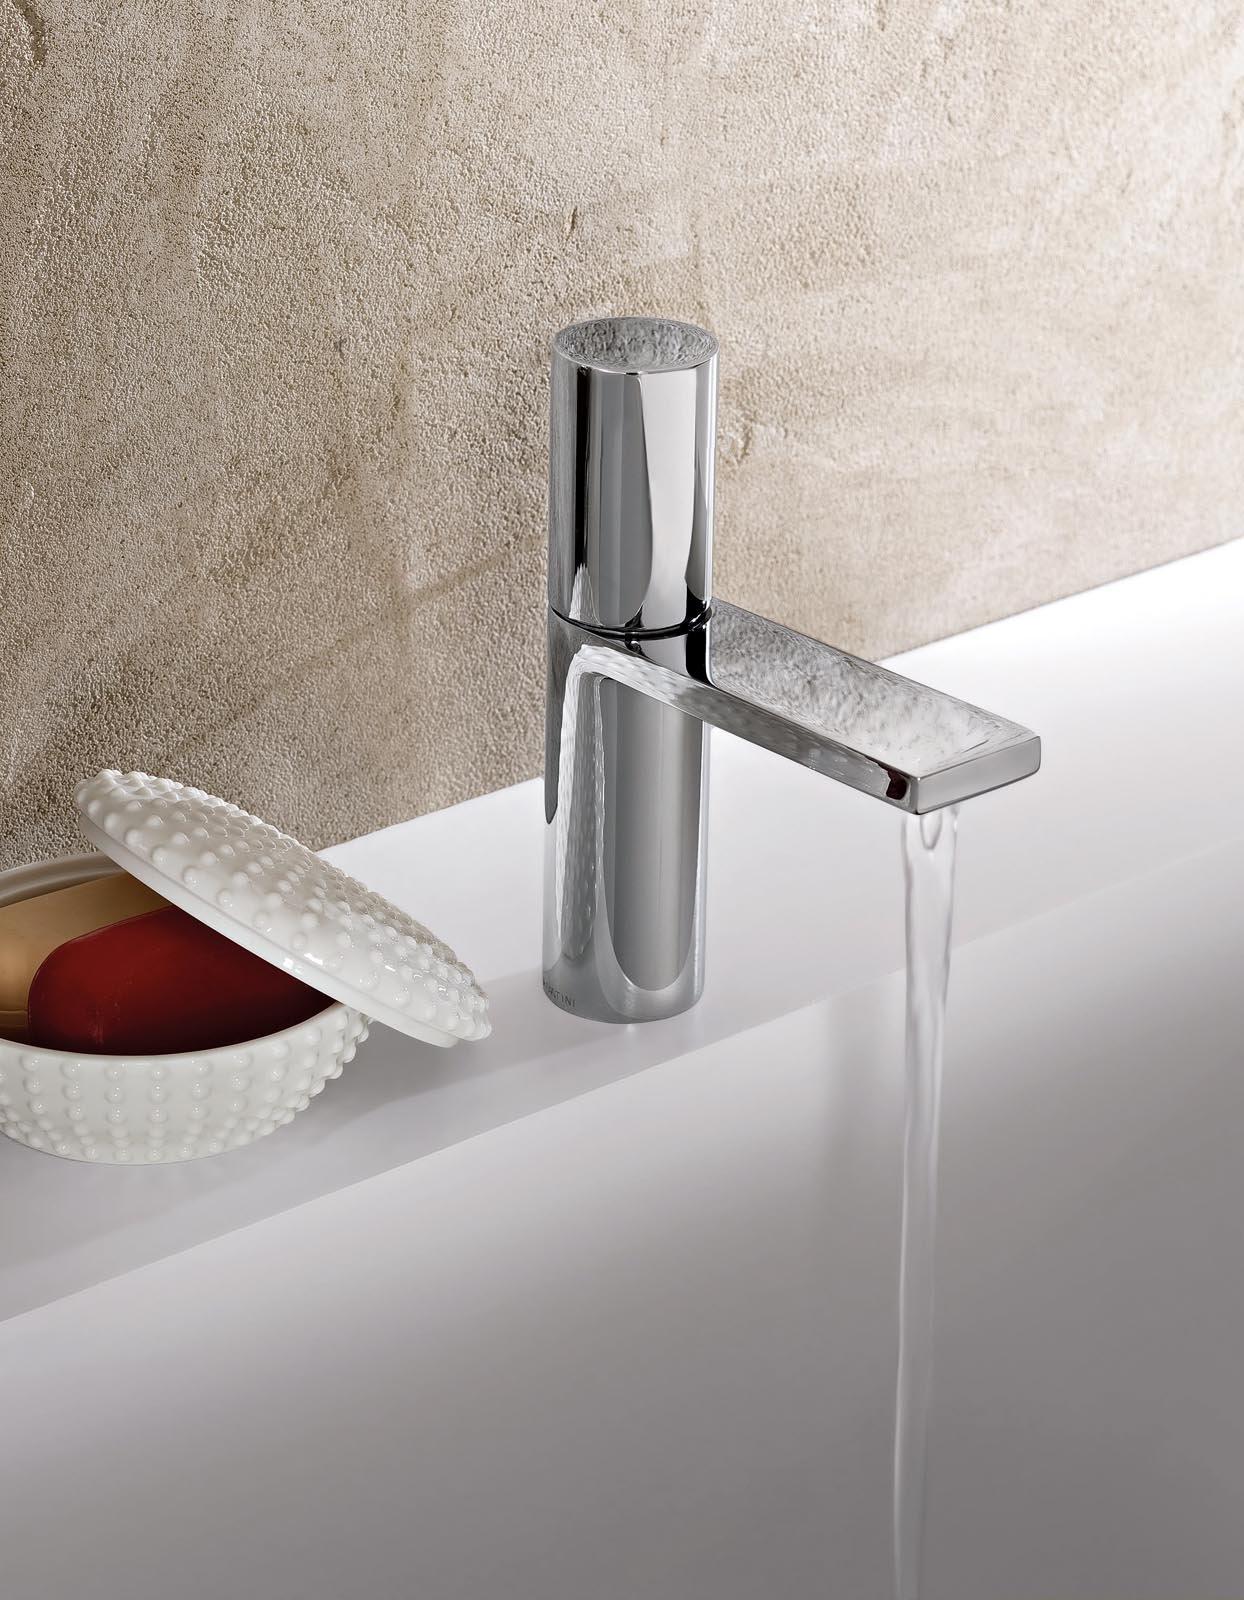 Risparmiare acqua ecco i rubinetti giusti cose di casa for Bagno fantini